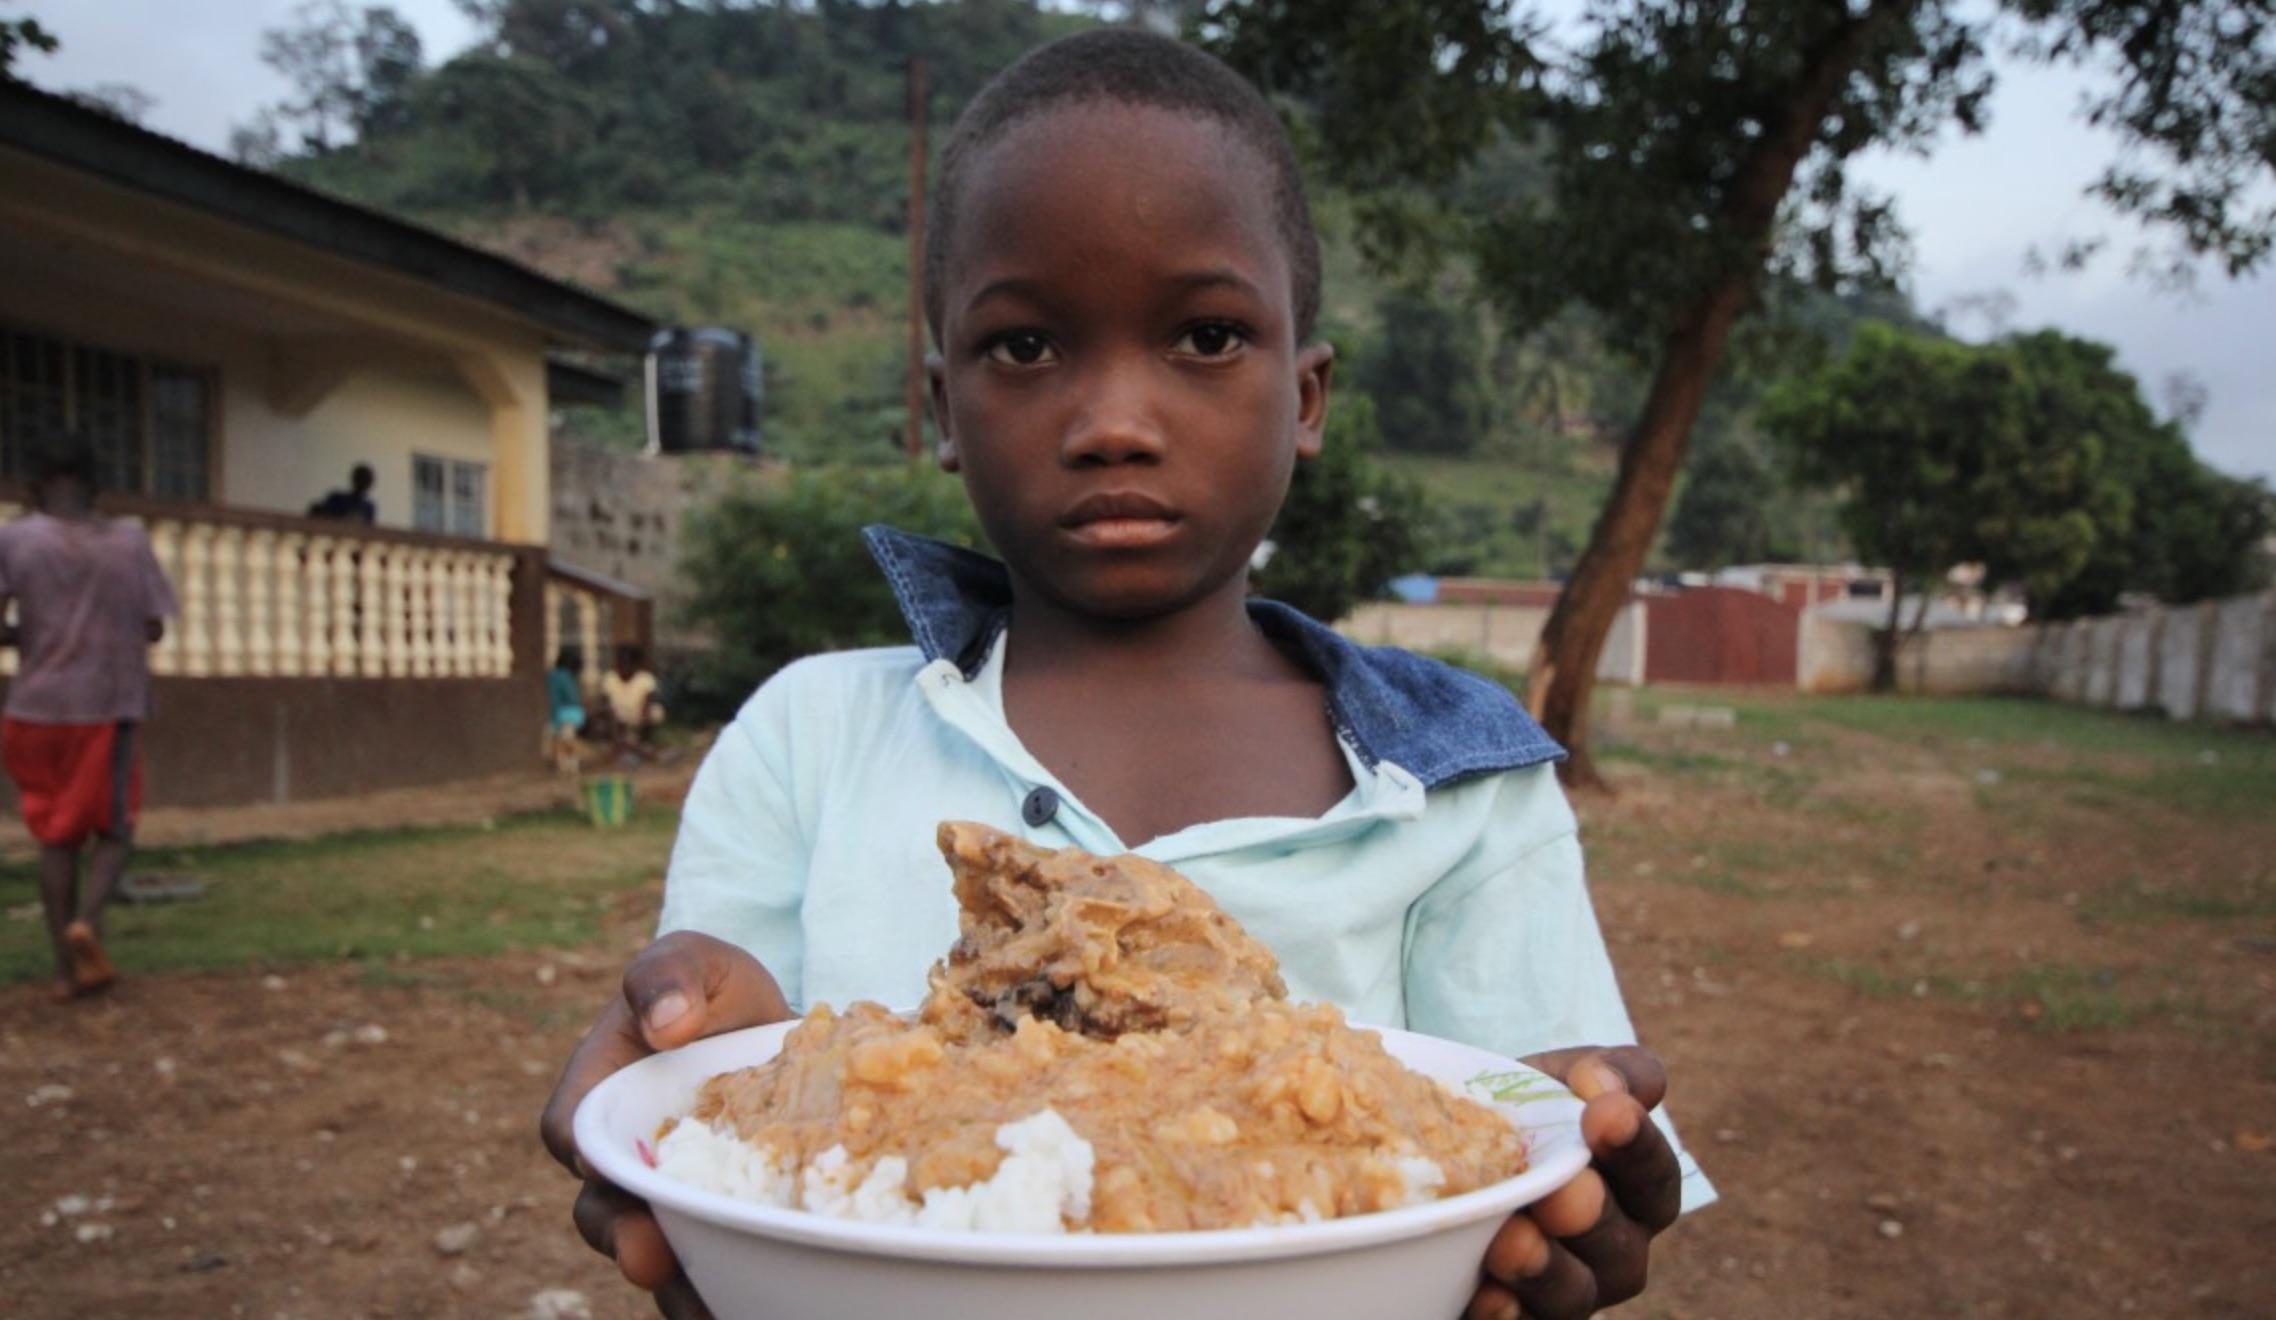 L'AFRICA IMPORTERÀ MENO RISO